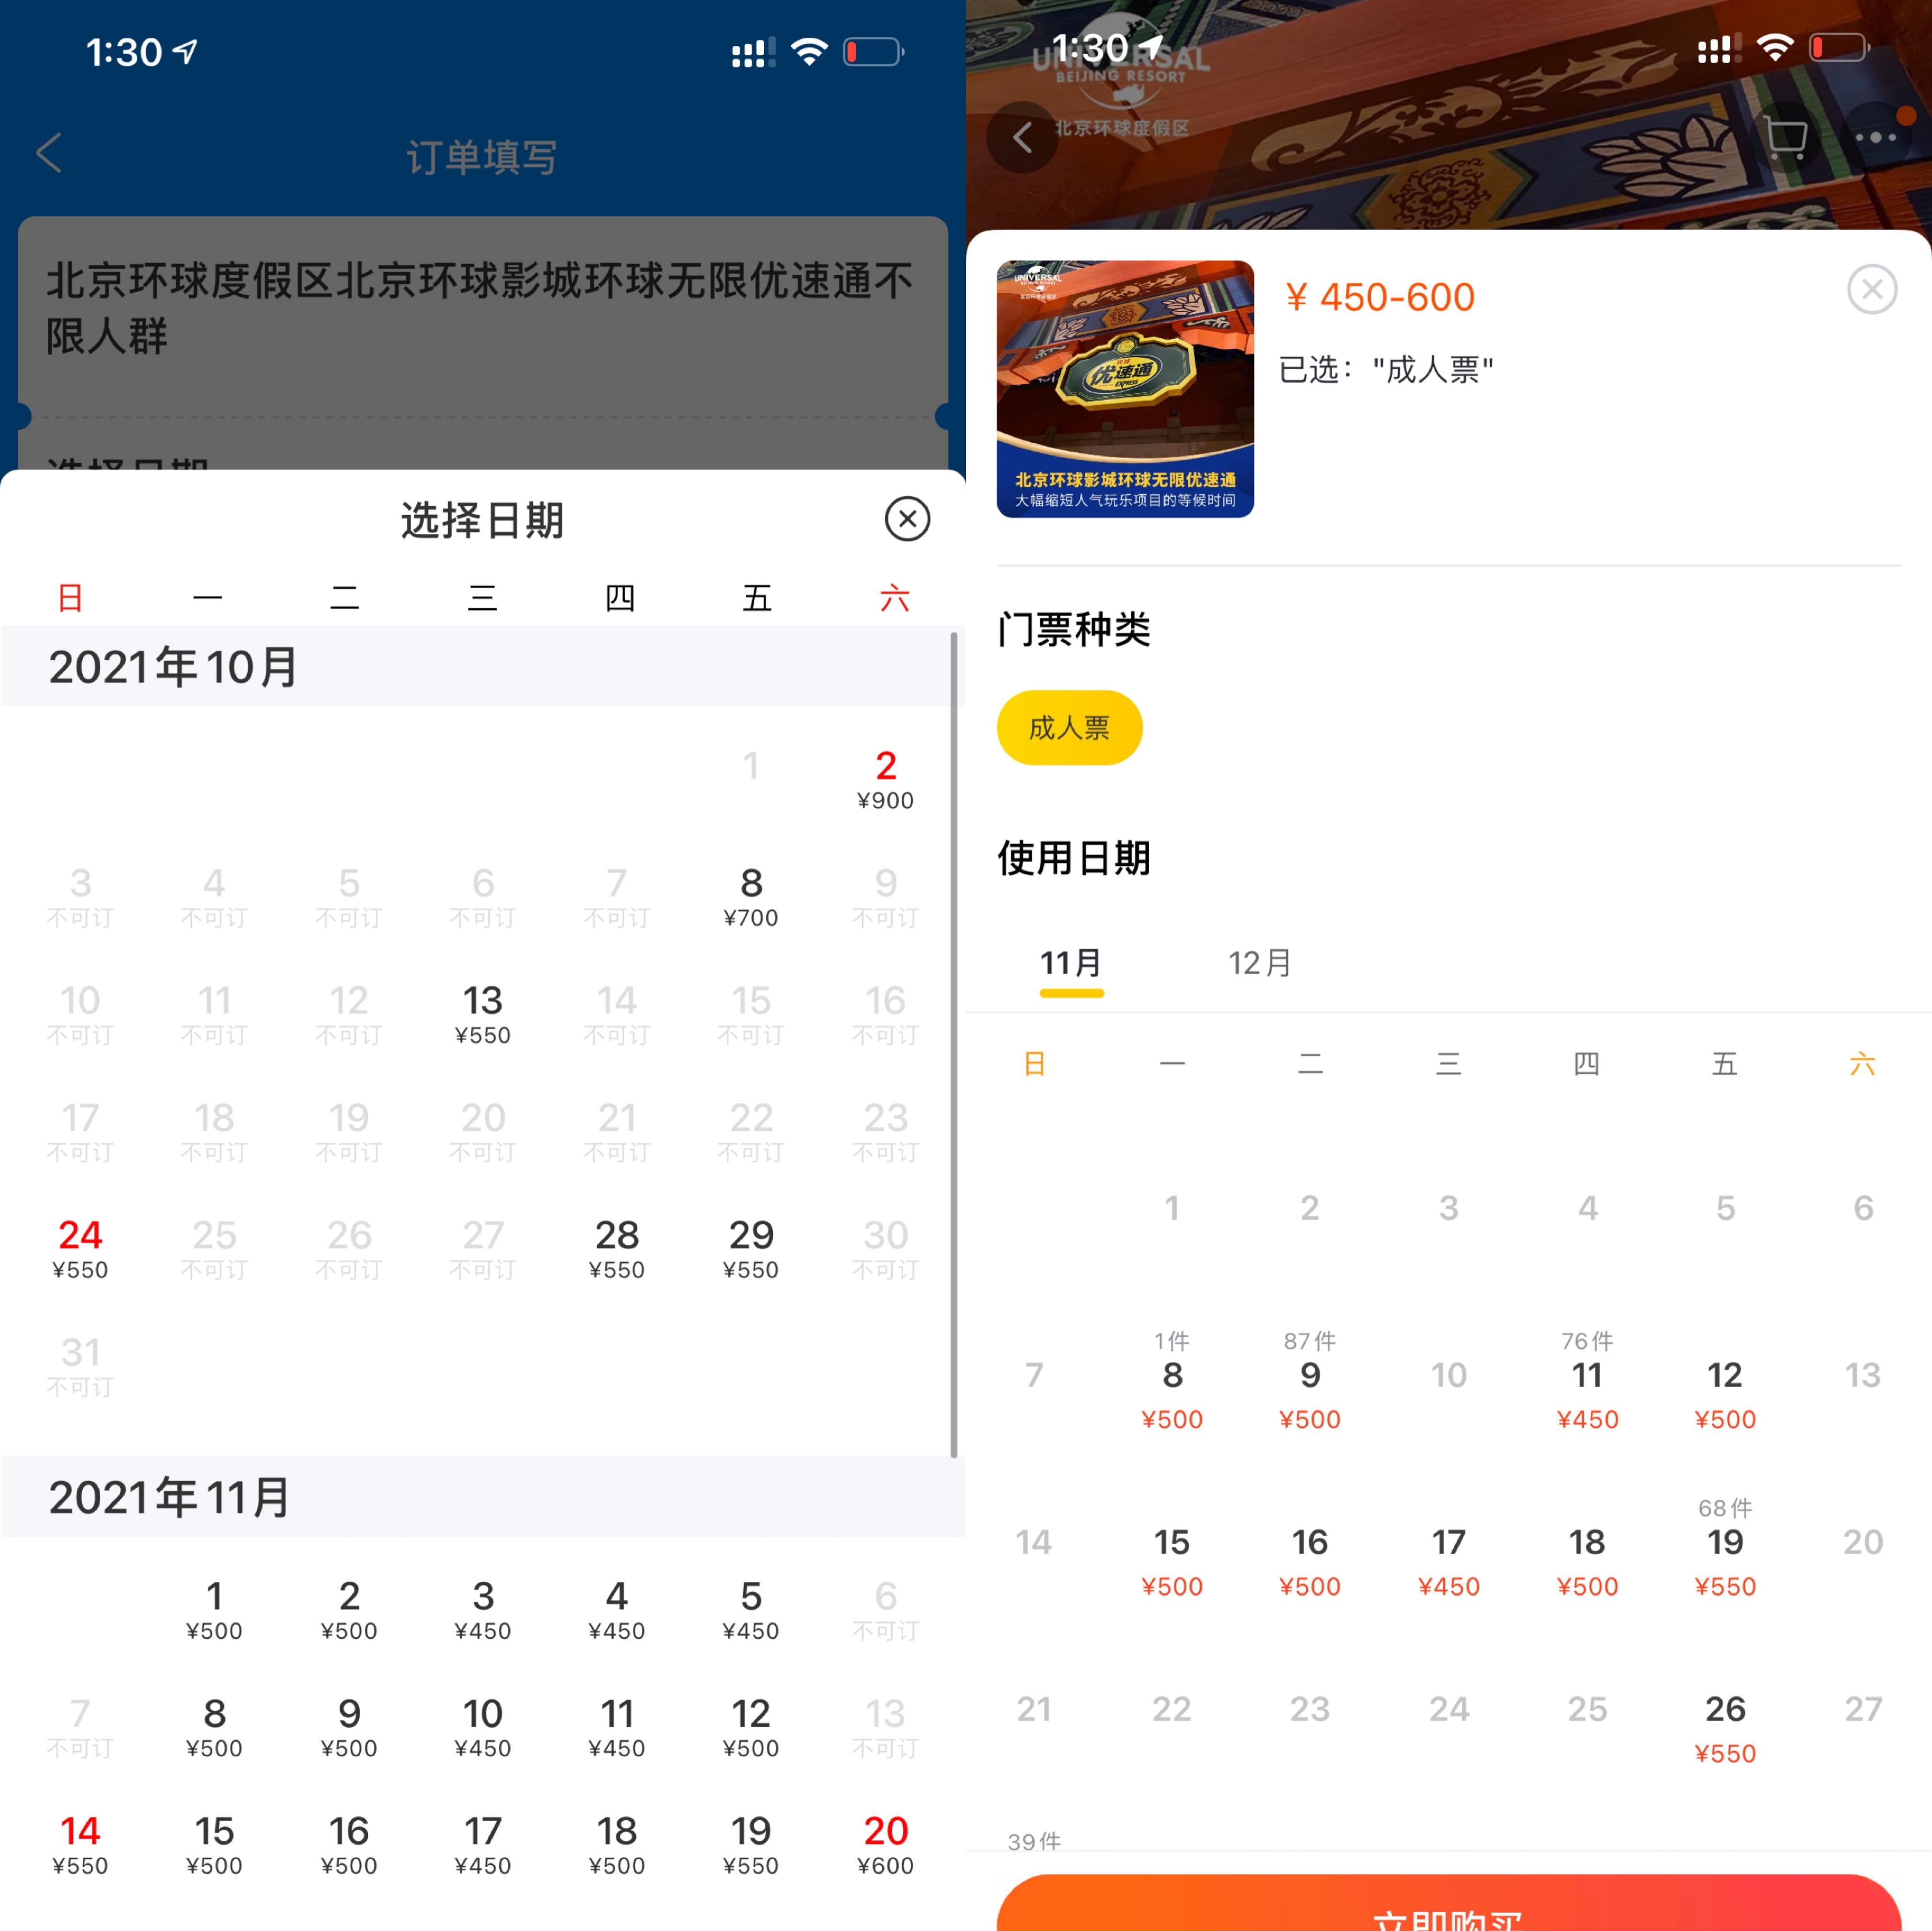 多个在线旅游平台9月甚至10月的北京环球影城环球无限优速通票也全部售罄。